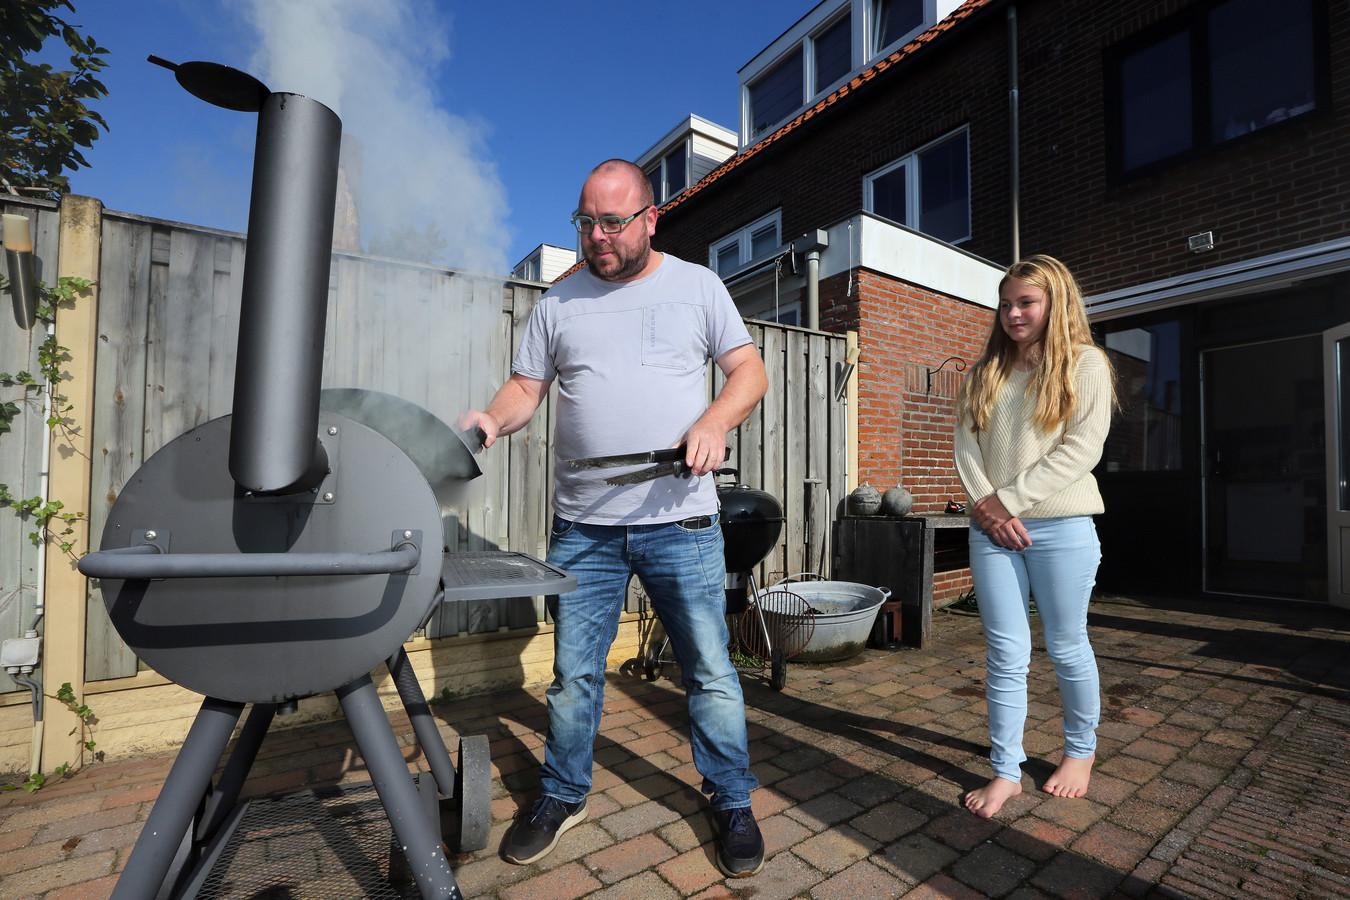 Niels Meeuwissen met dochter Benthe in de achtertuin aan de barbecue.